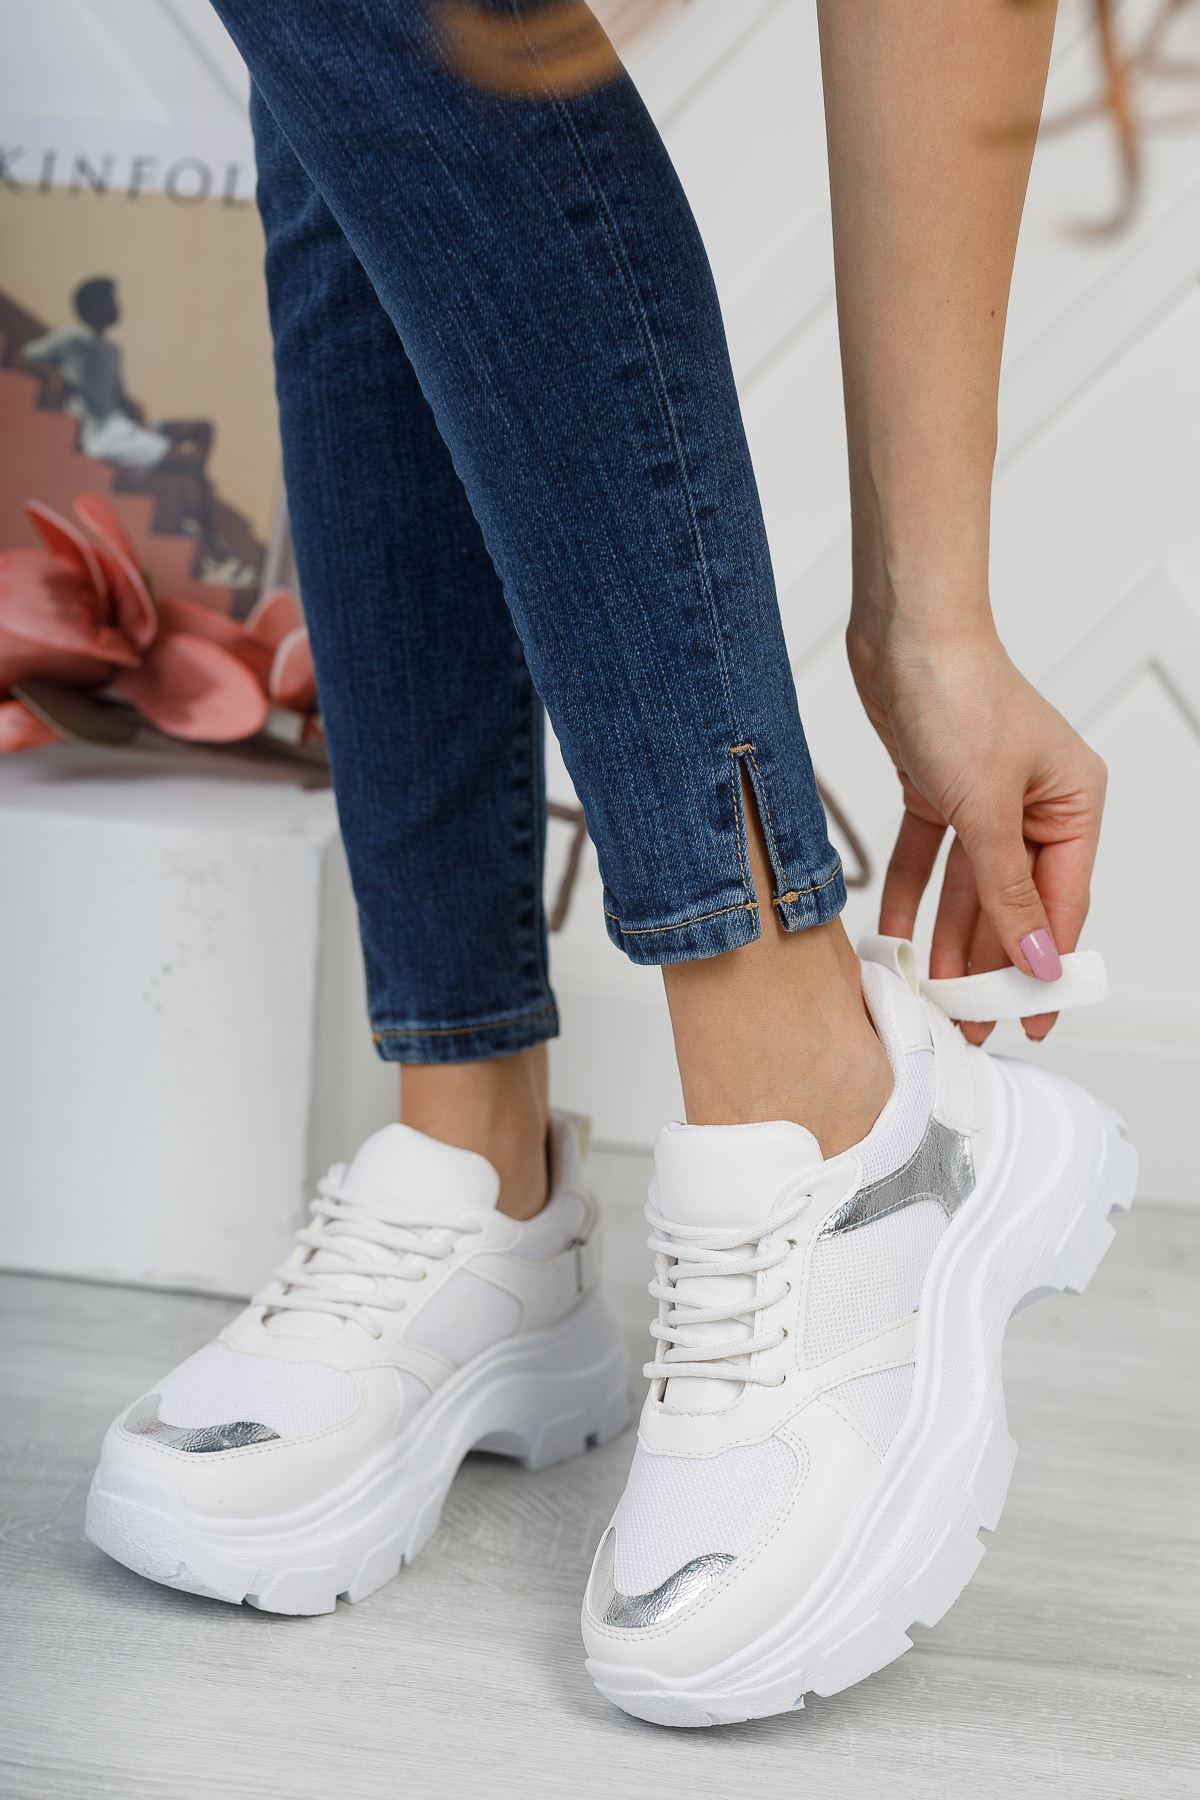 Aria Beyaz Gri Kadın Spor Ayakkabı